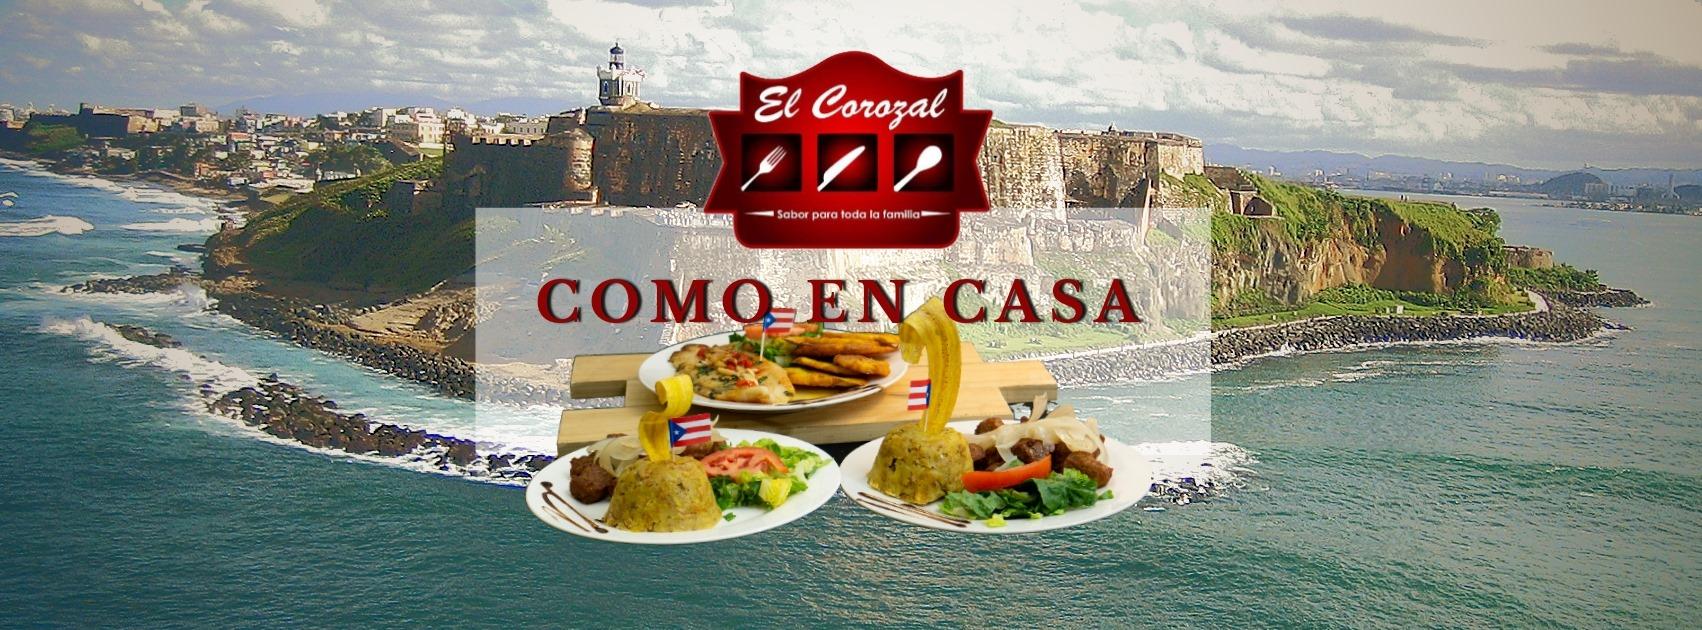 Restaurante El Corozal